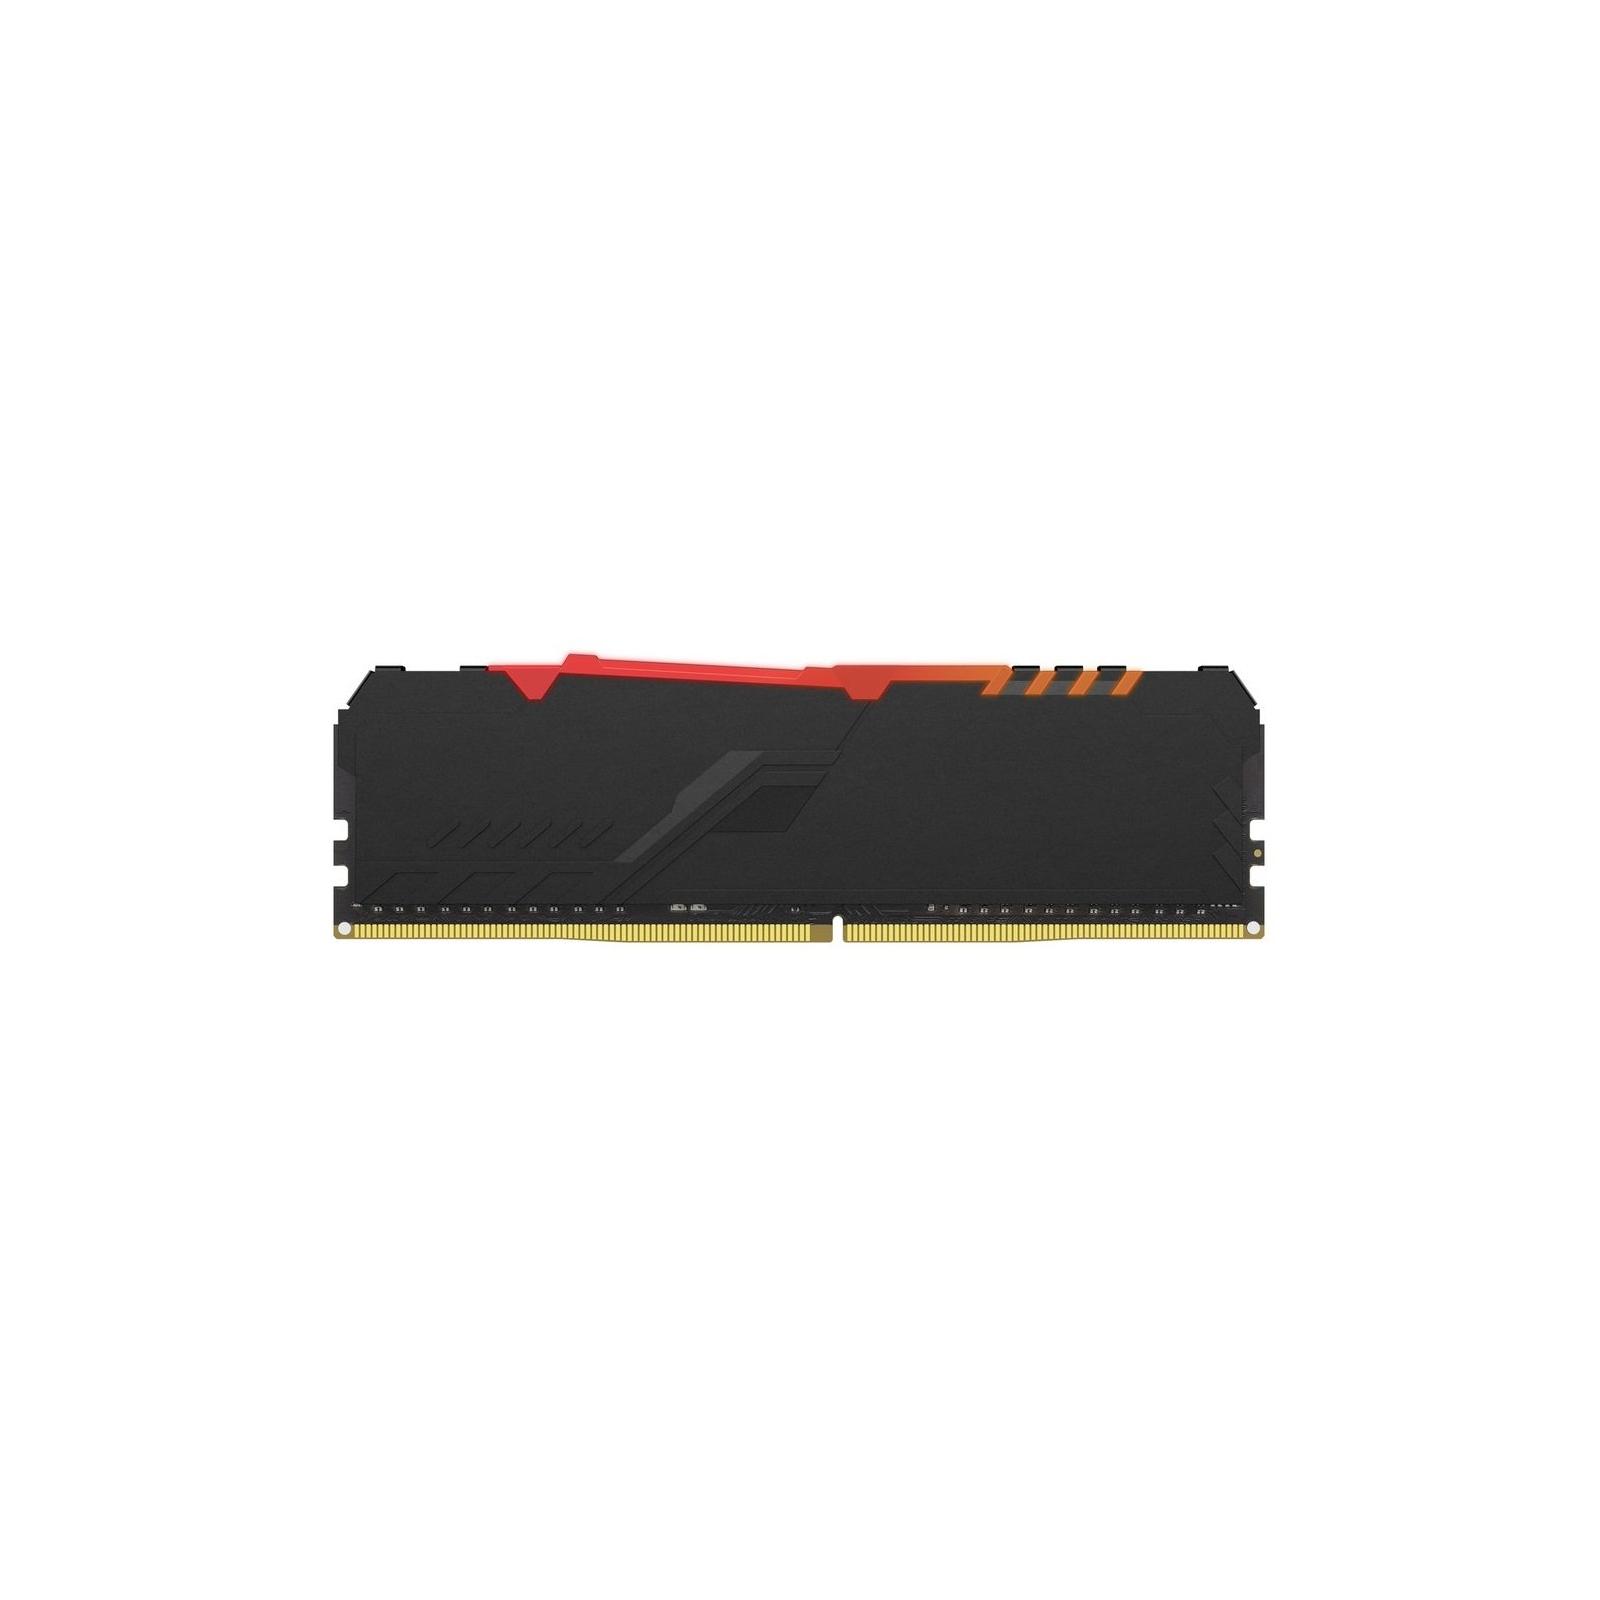 Модуль пам'яті для комп'ютера DDR4 16GB 2666 MHz HyperX FURY RGB Kingston (HX426C16FB3A/16) зображення 2